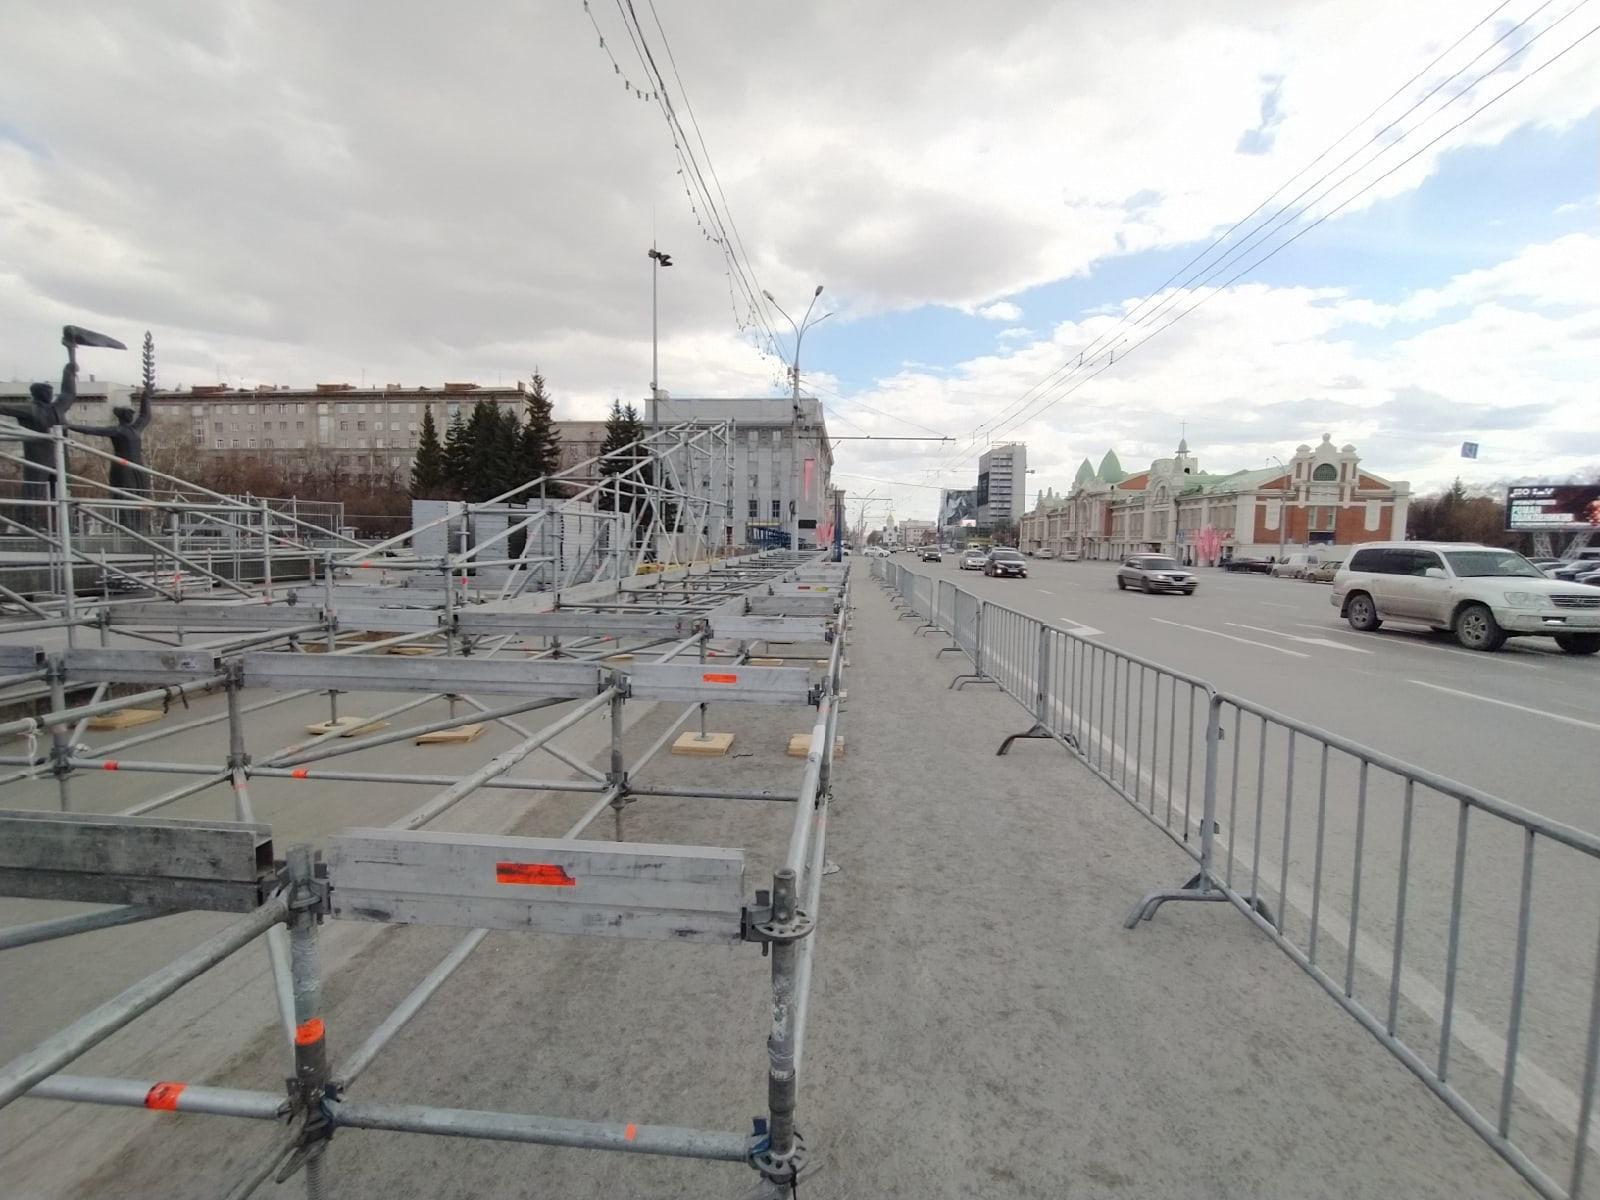 Фото В Новосибирске начали собирать сцену к параду Победы 9 мая 5